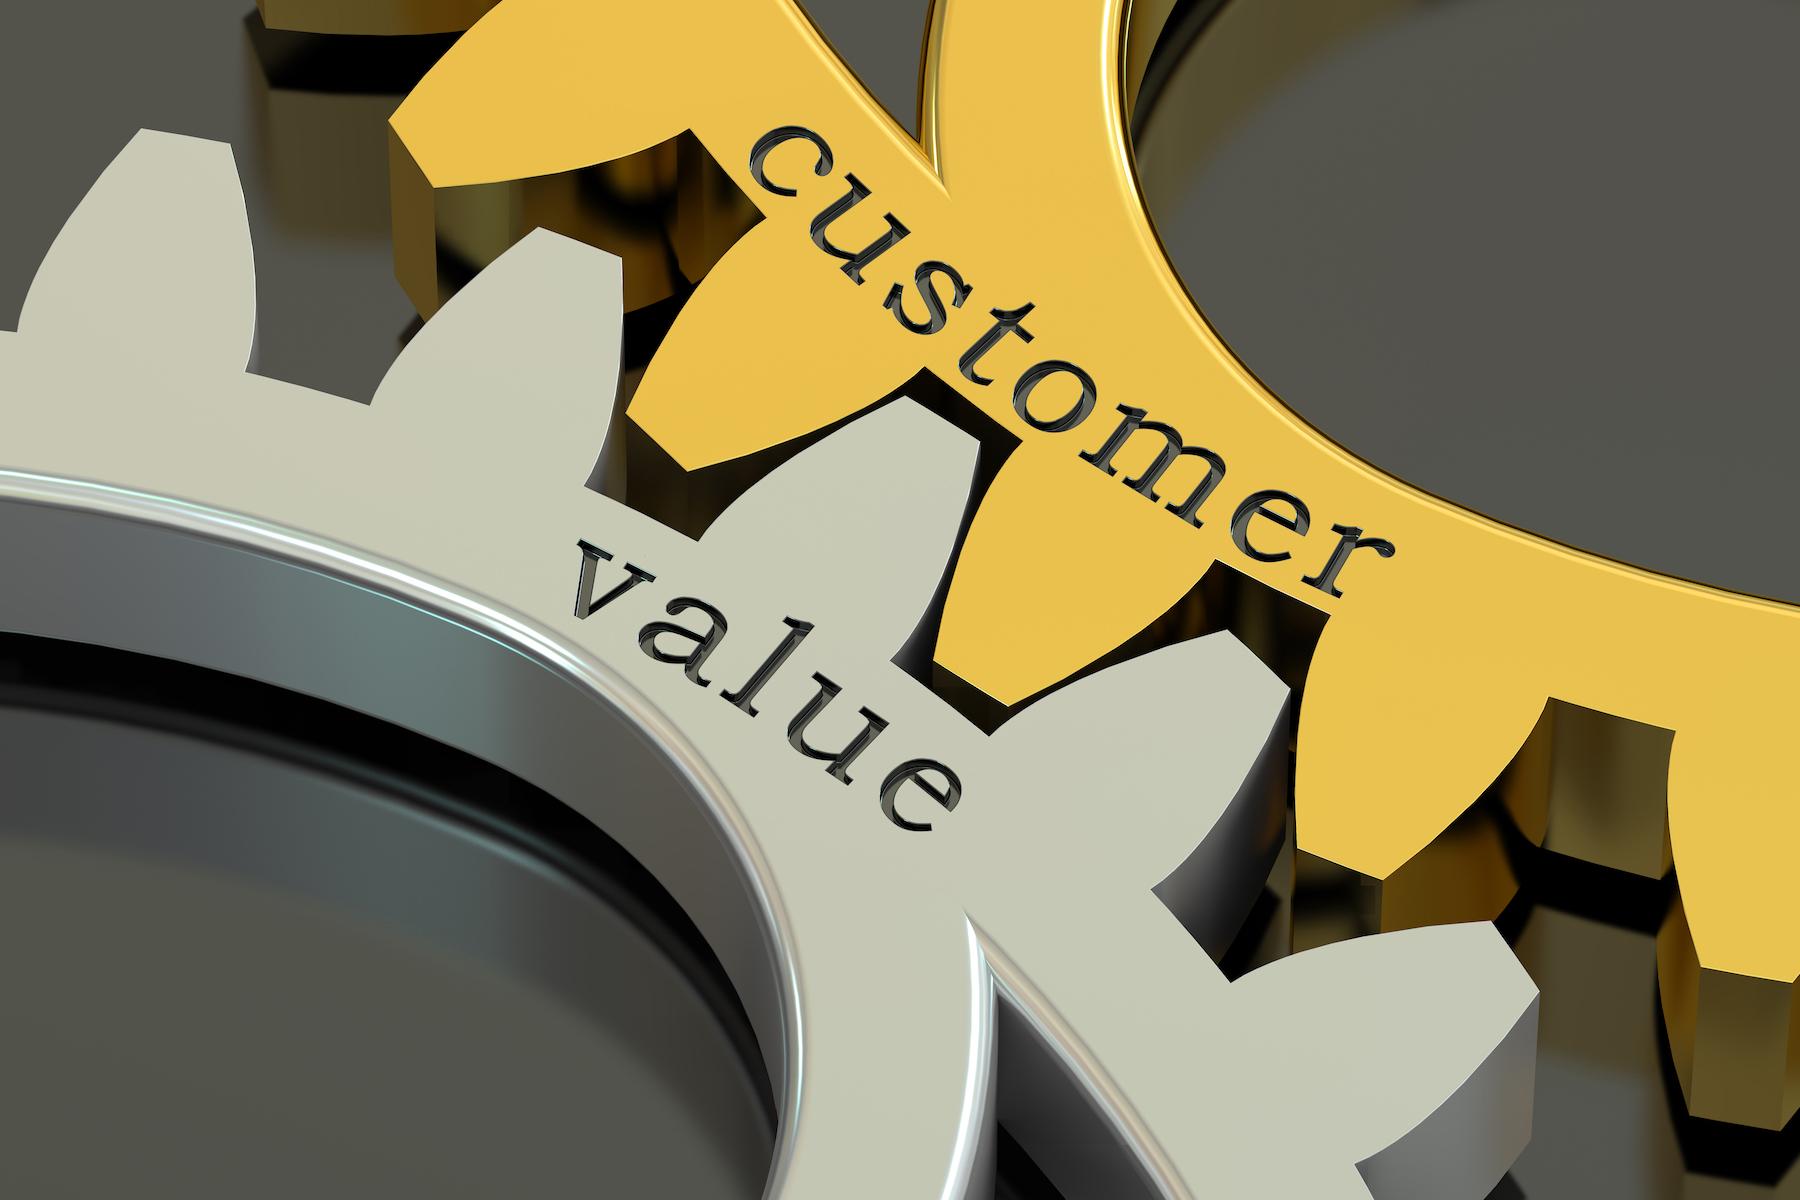 Values-Based Marketing